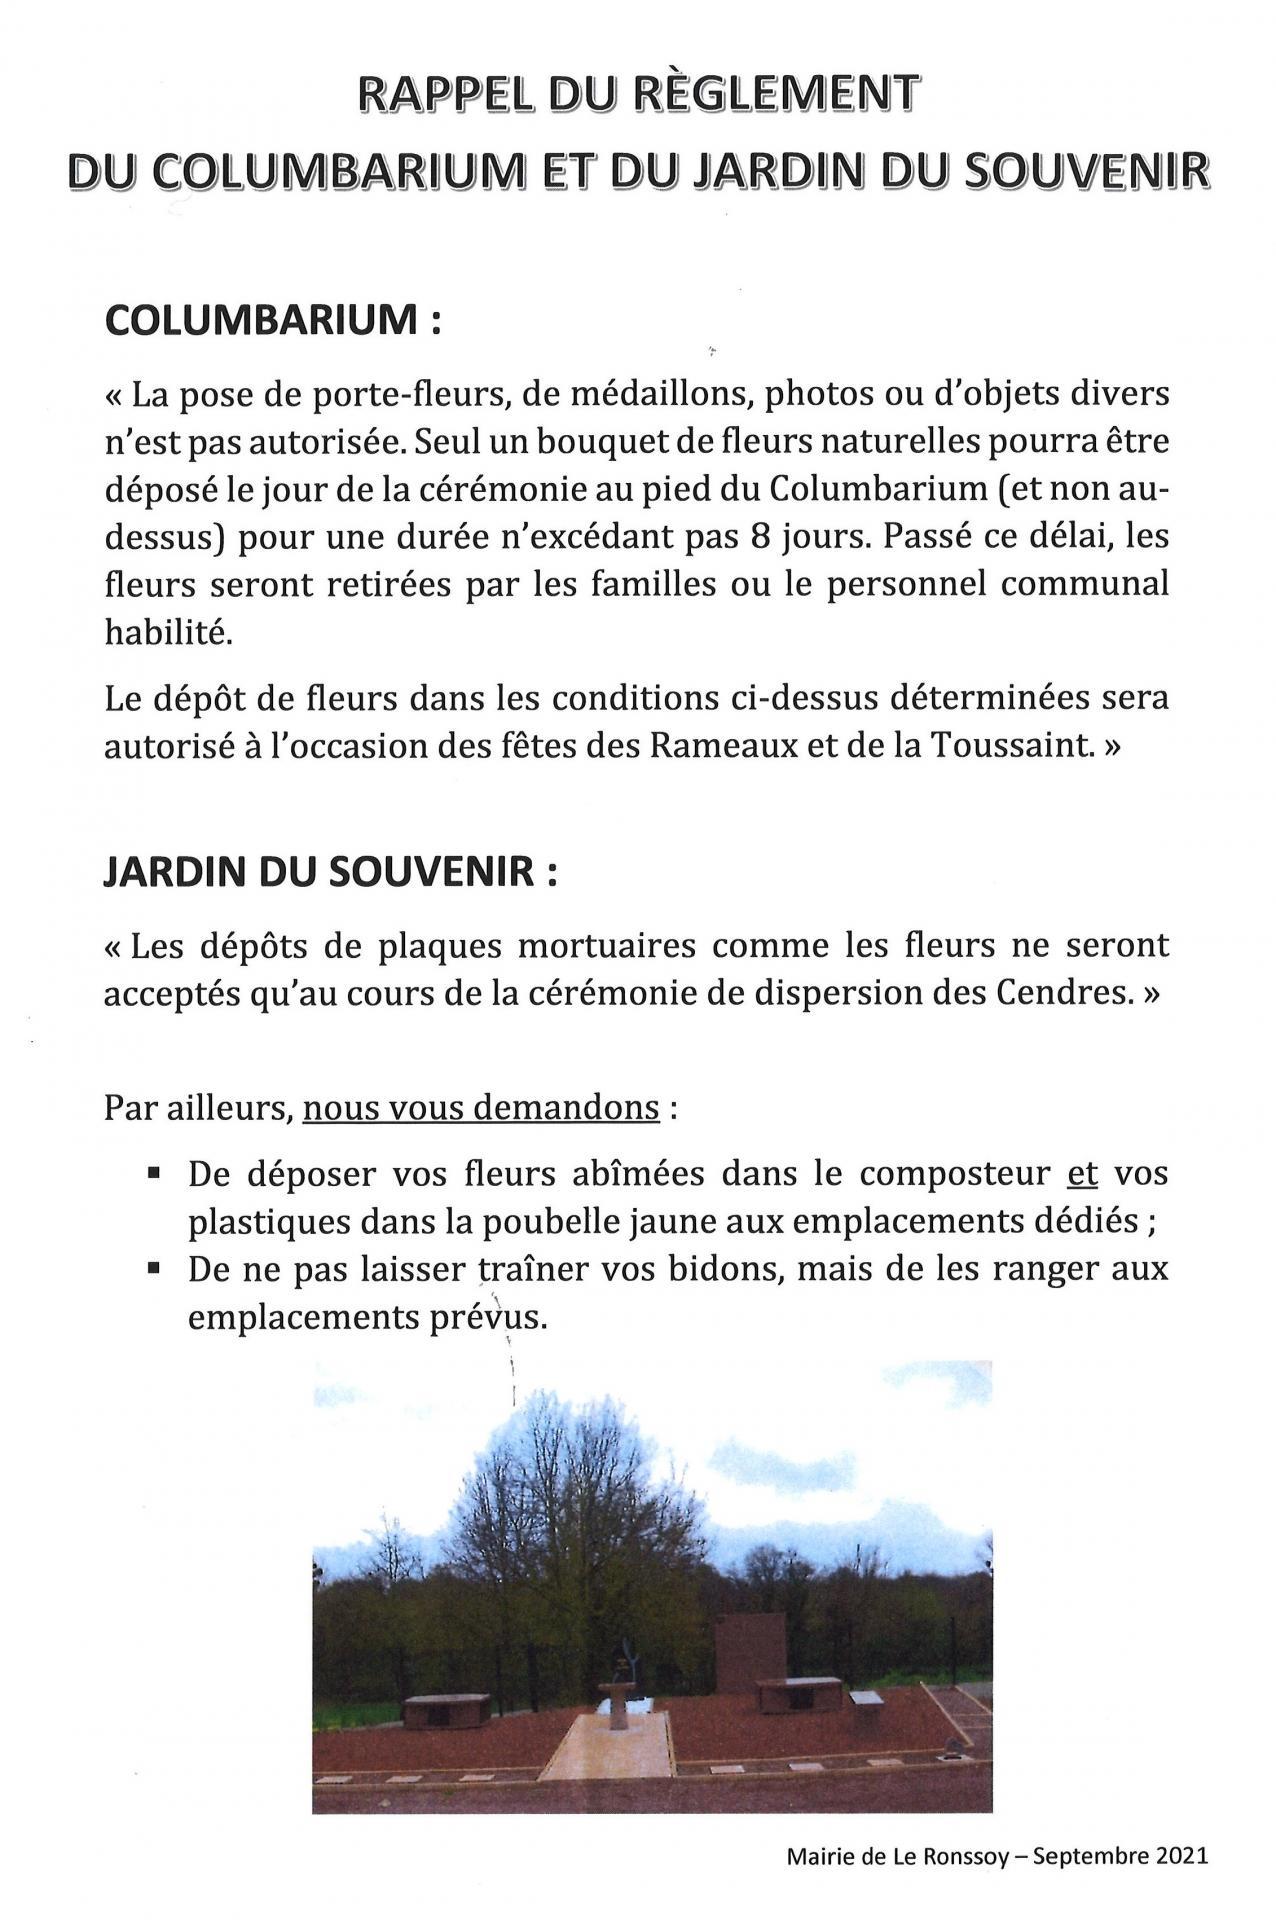 Rappel Règlement Columbarium et Jardin du souvenir